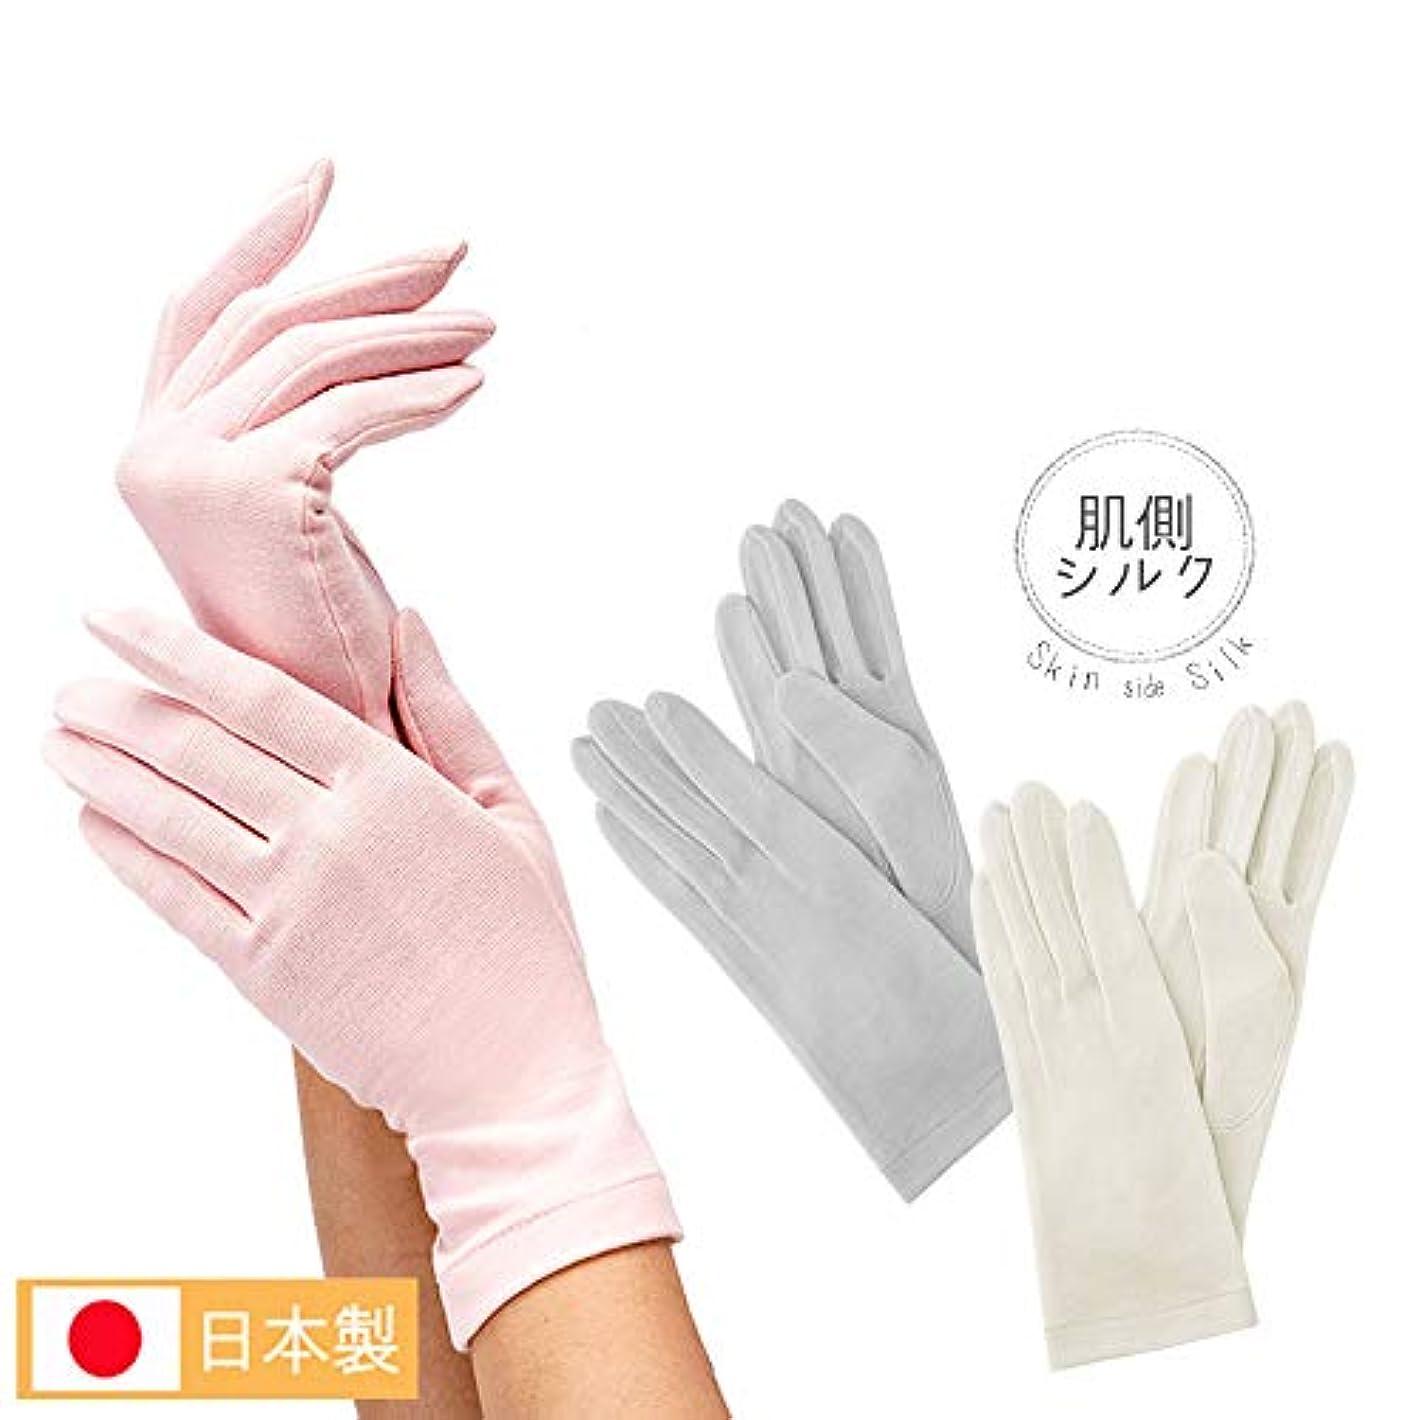 思いやり再生的ねじれG12-0071_GY 就寝用 裏シルクうるおい手袋 あったか 薄い 手荒れ ハンドケア 保湿 レディース 女性 おやすみ 寝るとき 日本製 グレー